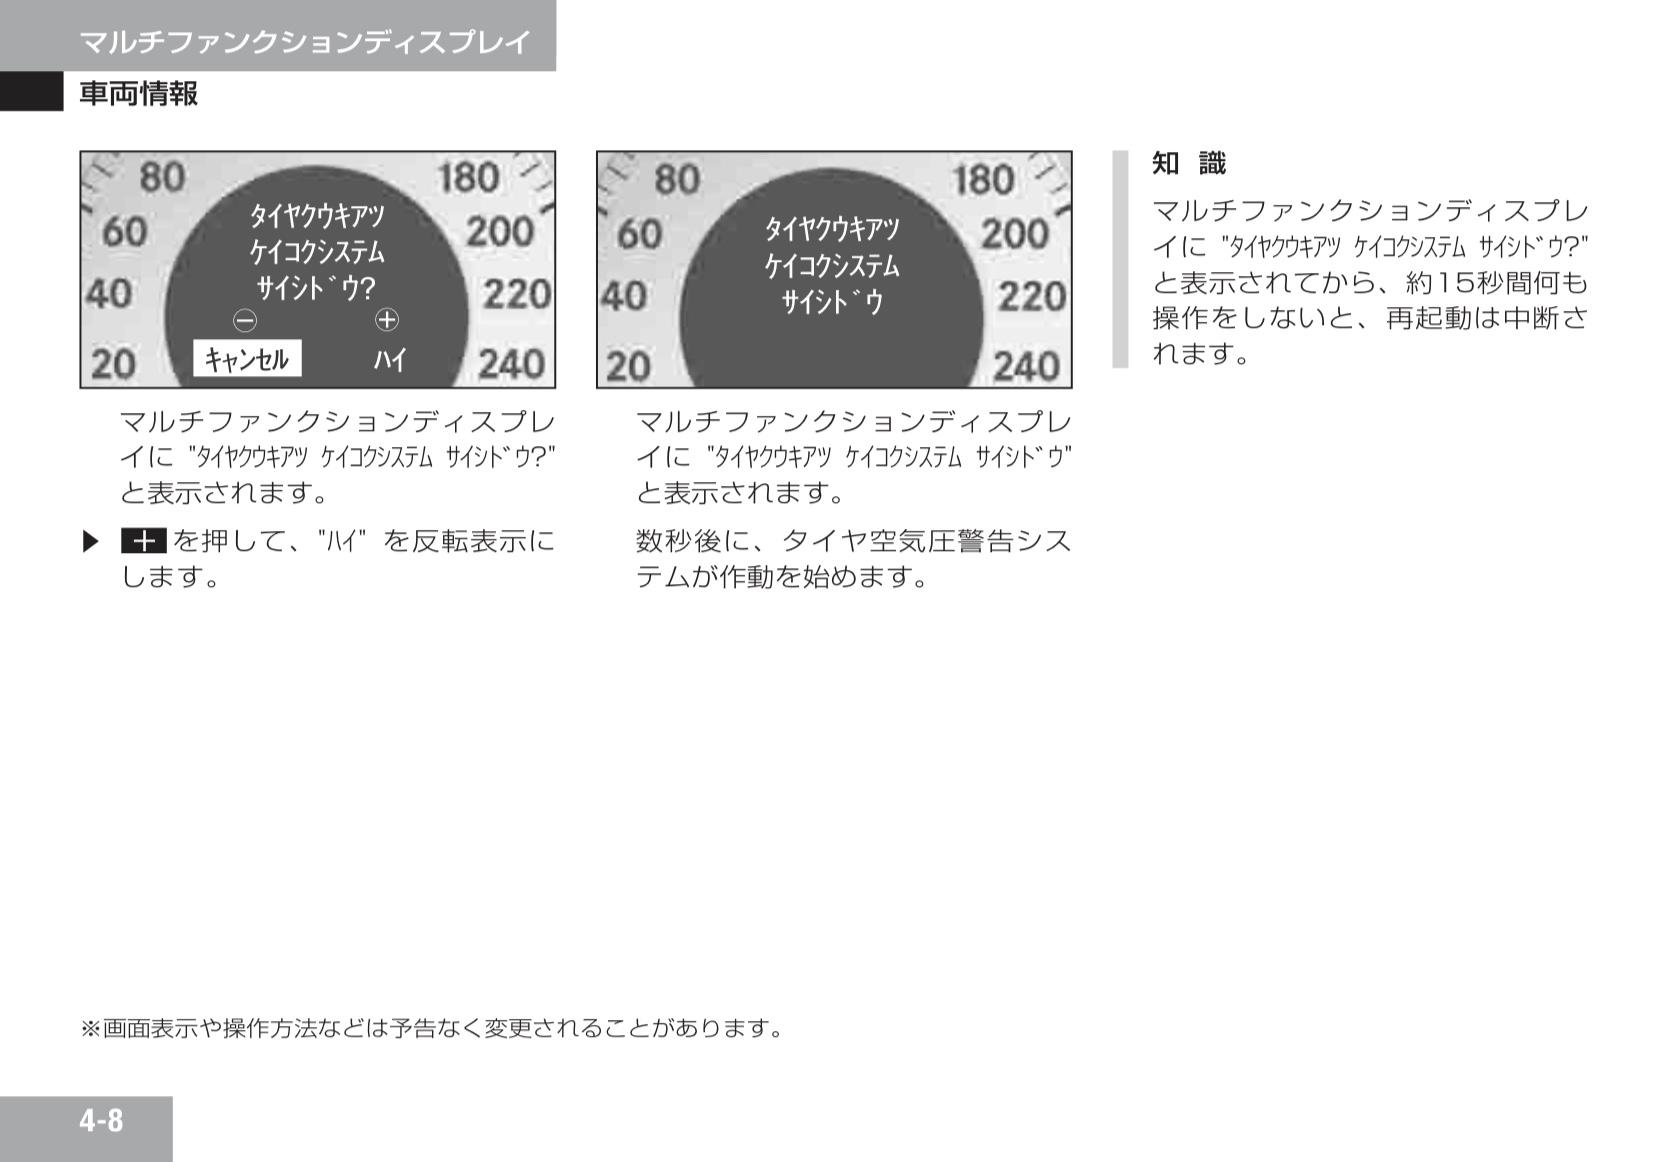 空気圧警告システムリセット方法2